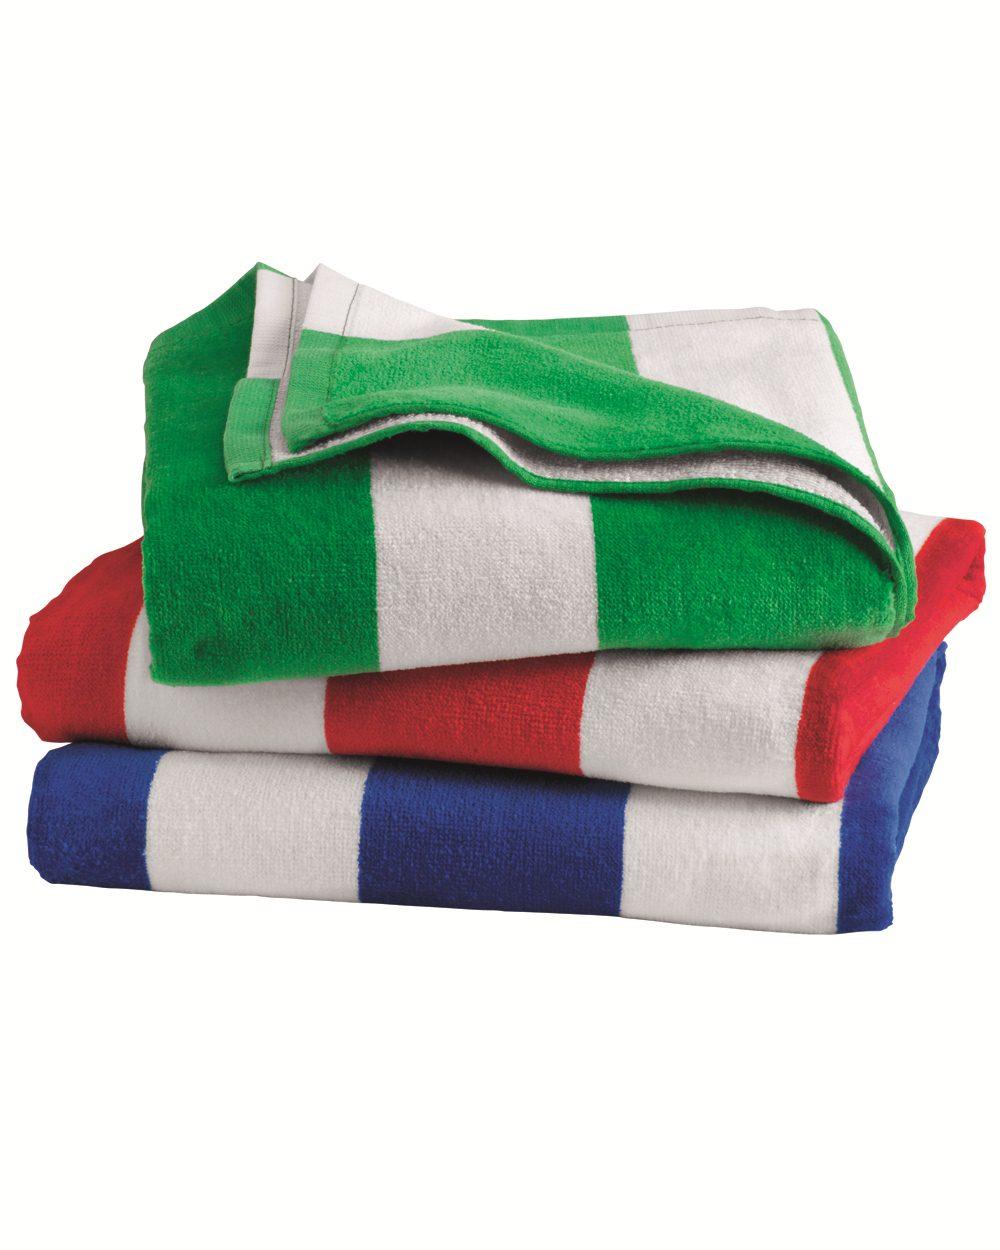 Carmel towel company C3060S